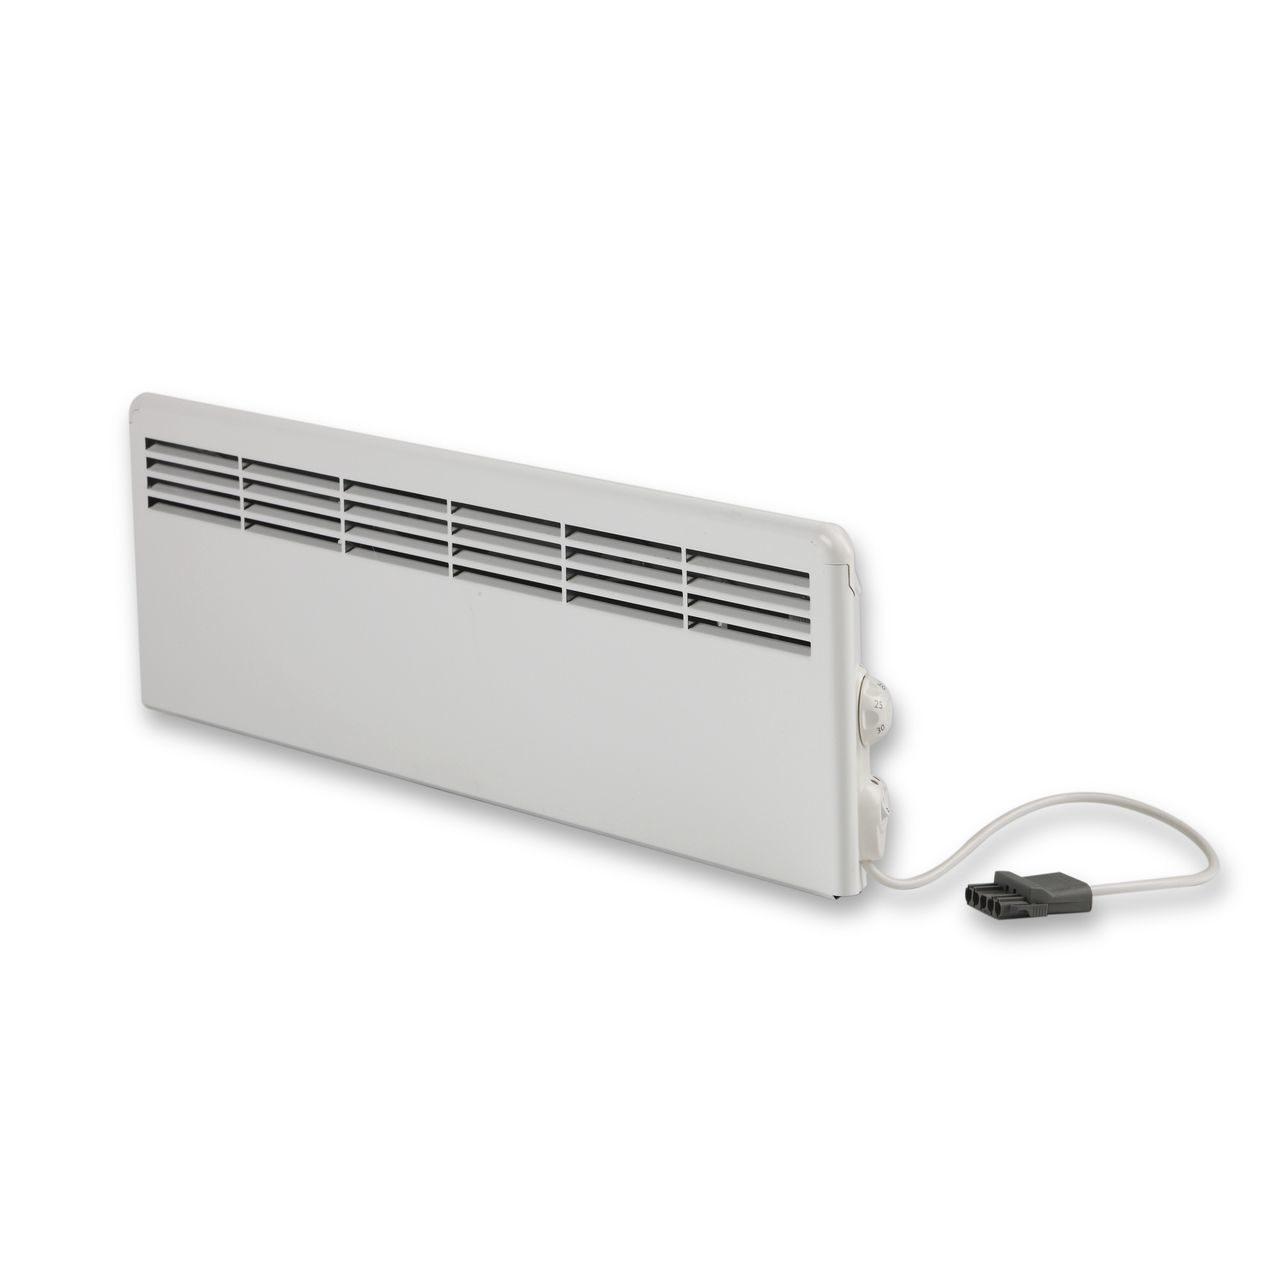 Топ 10 настенных конвекторов с терморегулятором: рейтинг лучших отзывам